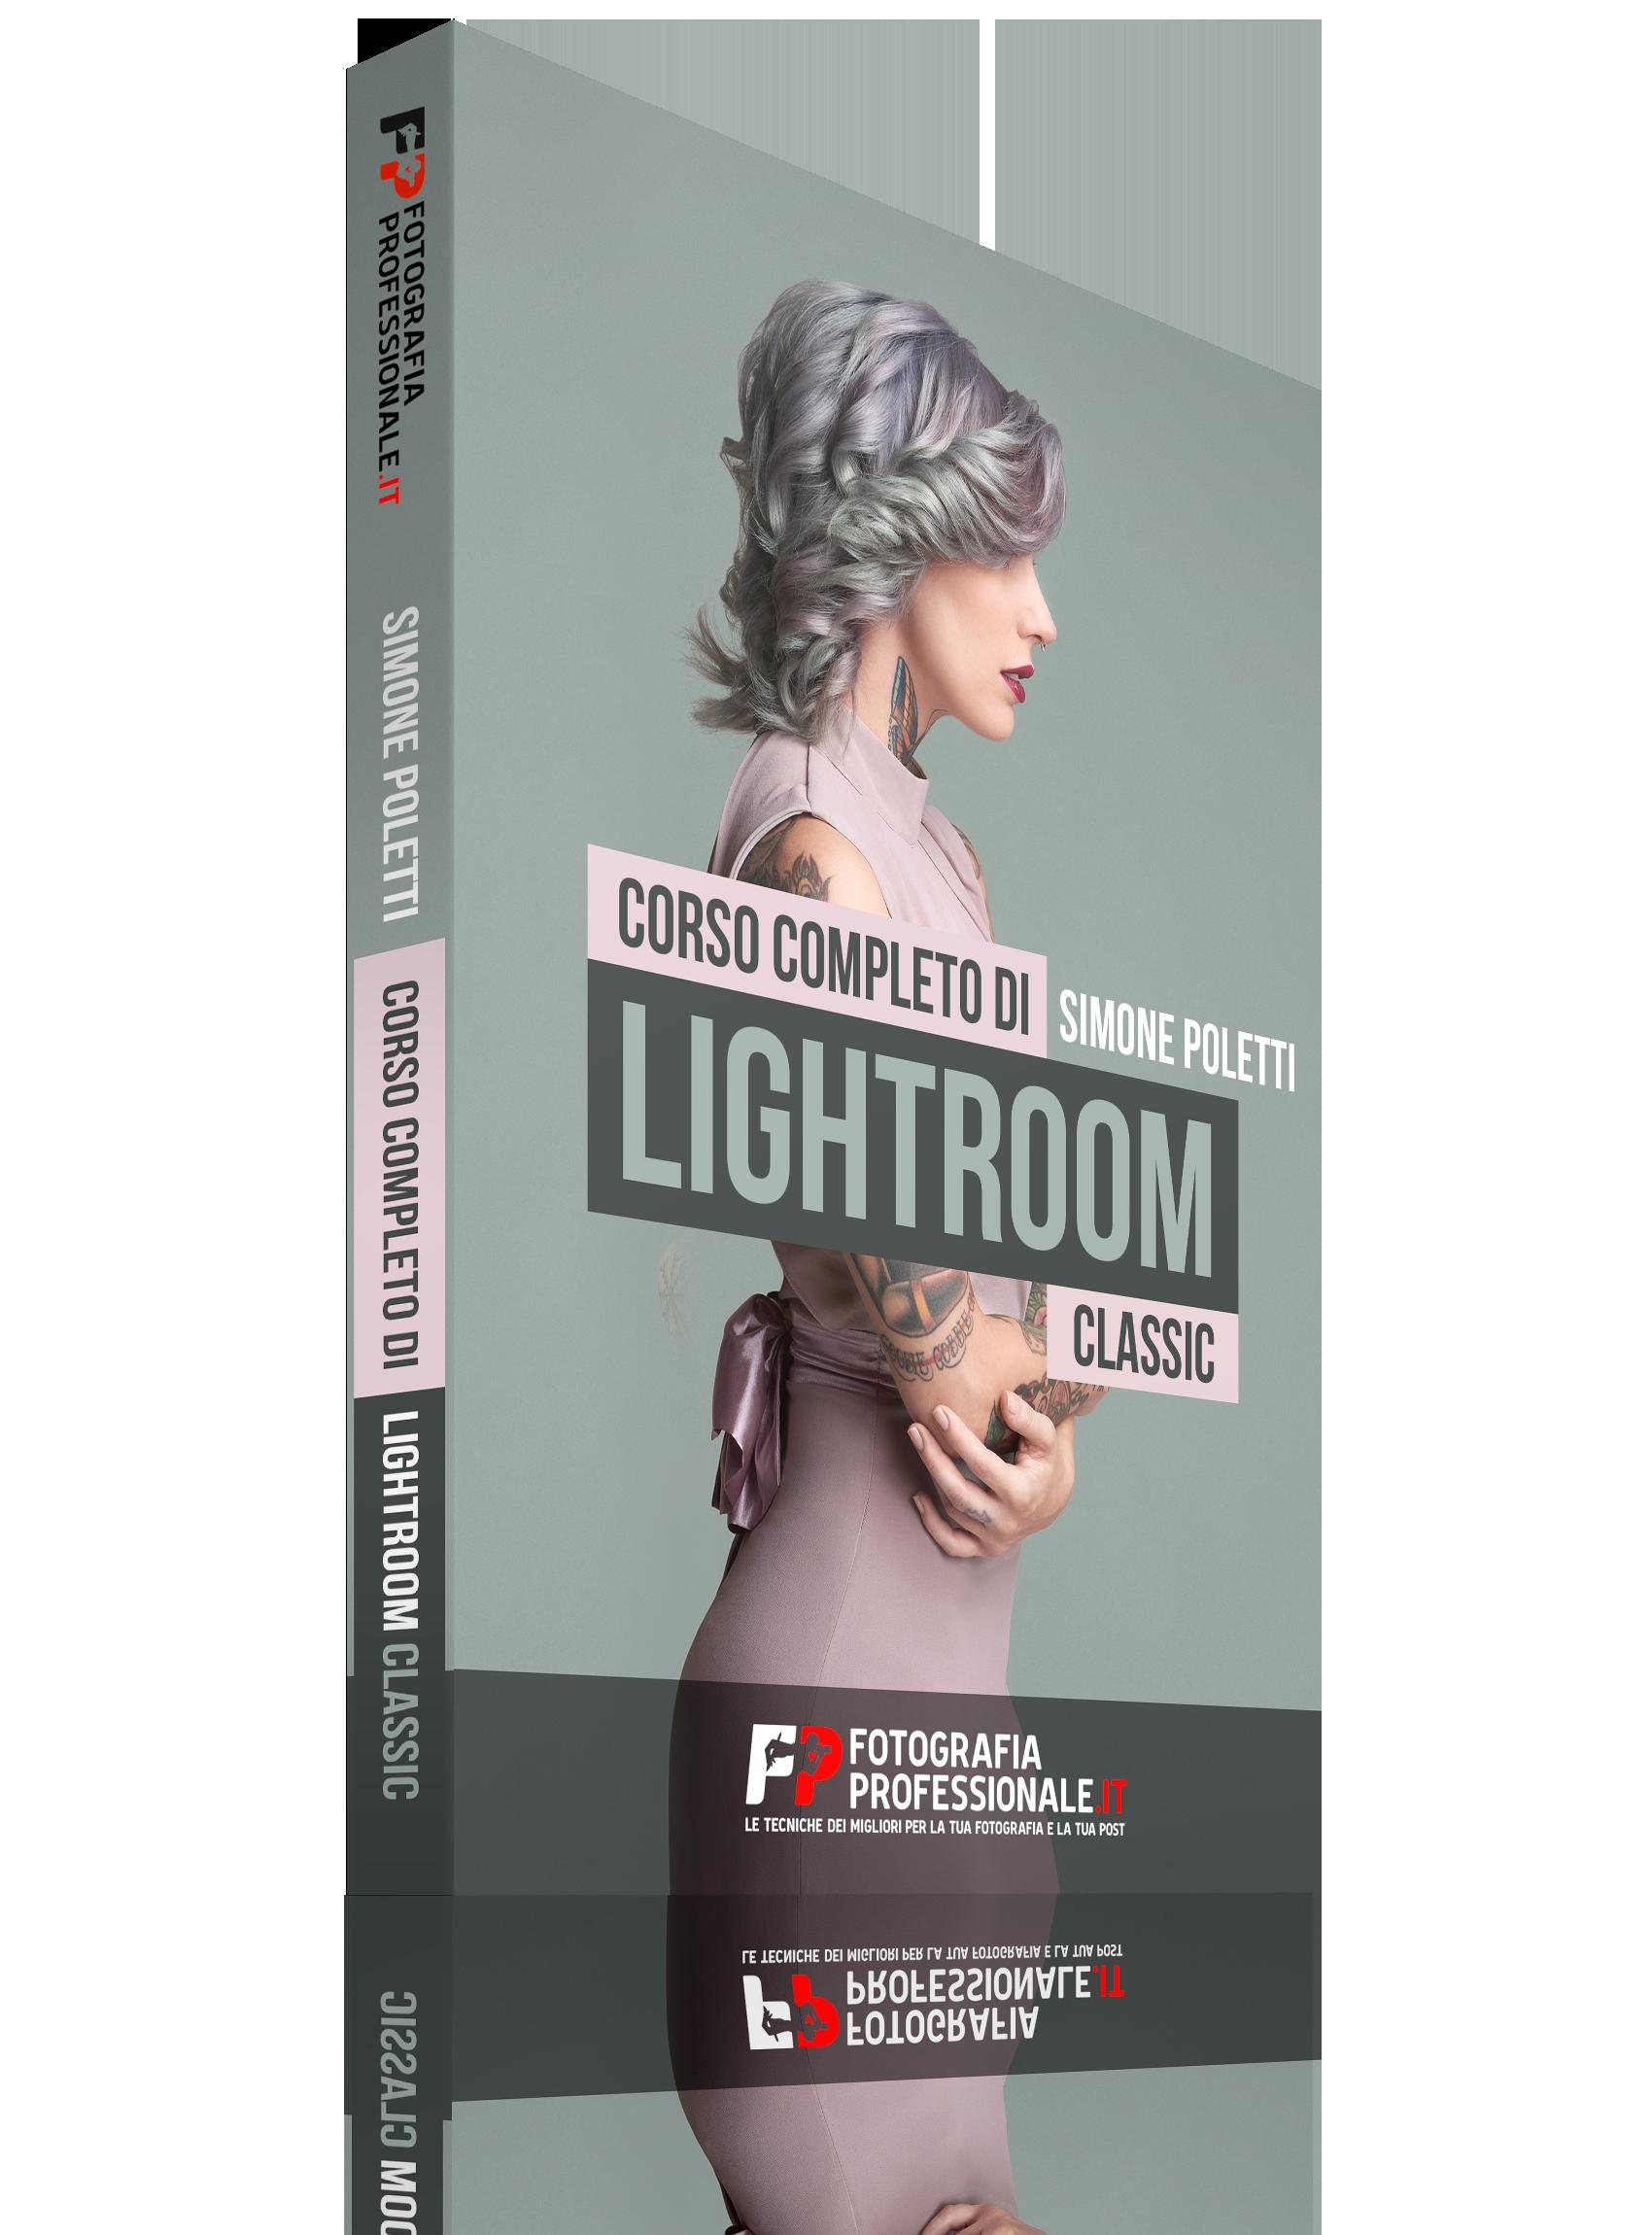 Corso Completo di Lightroom Classic